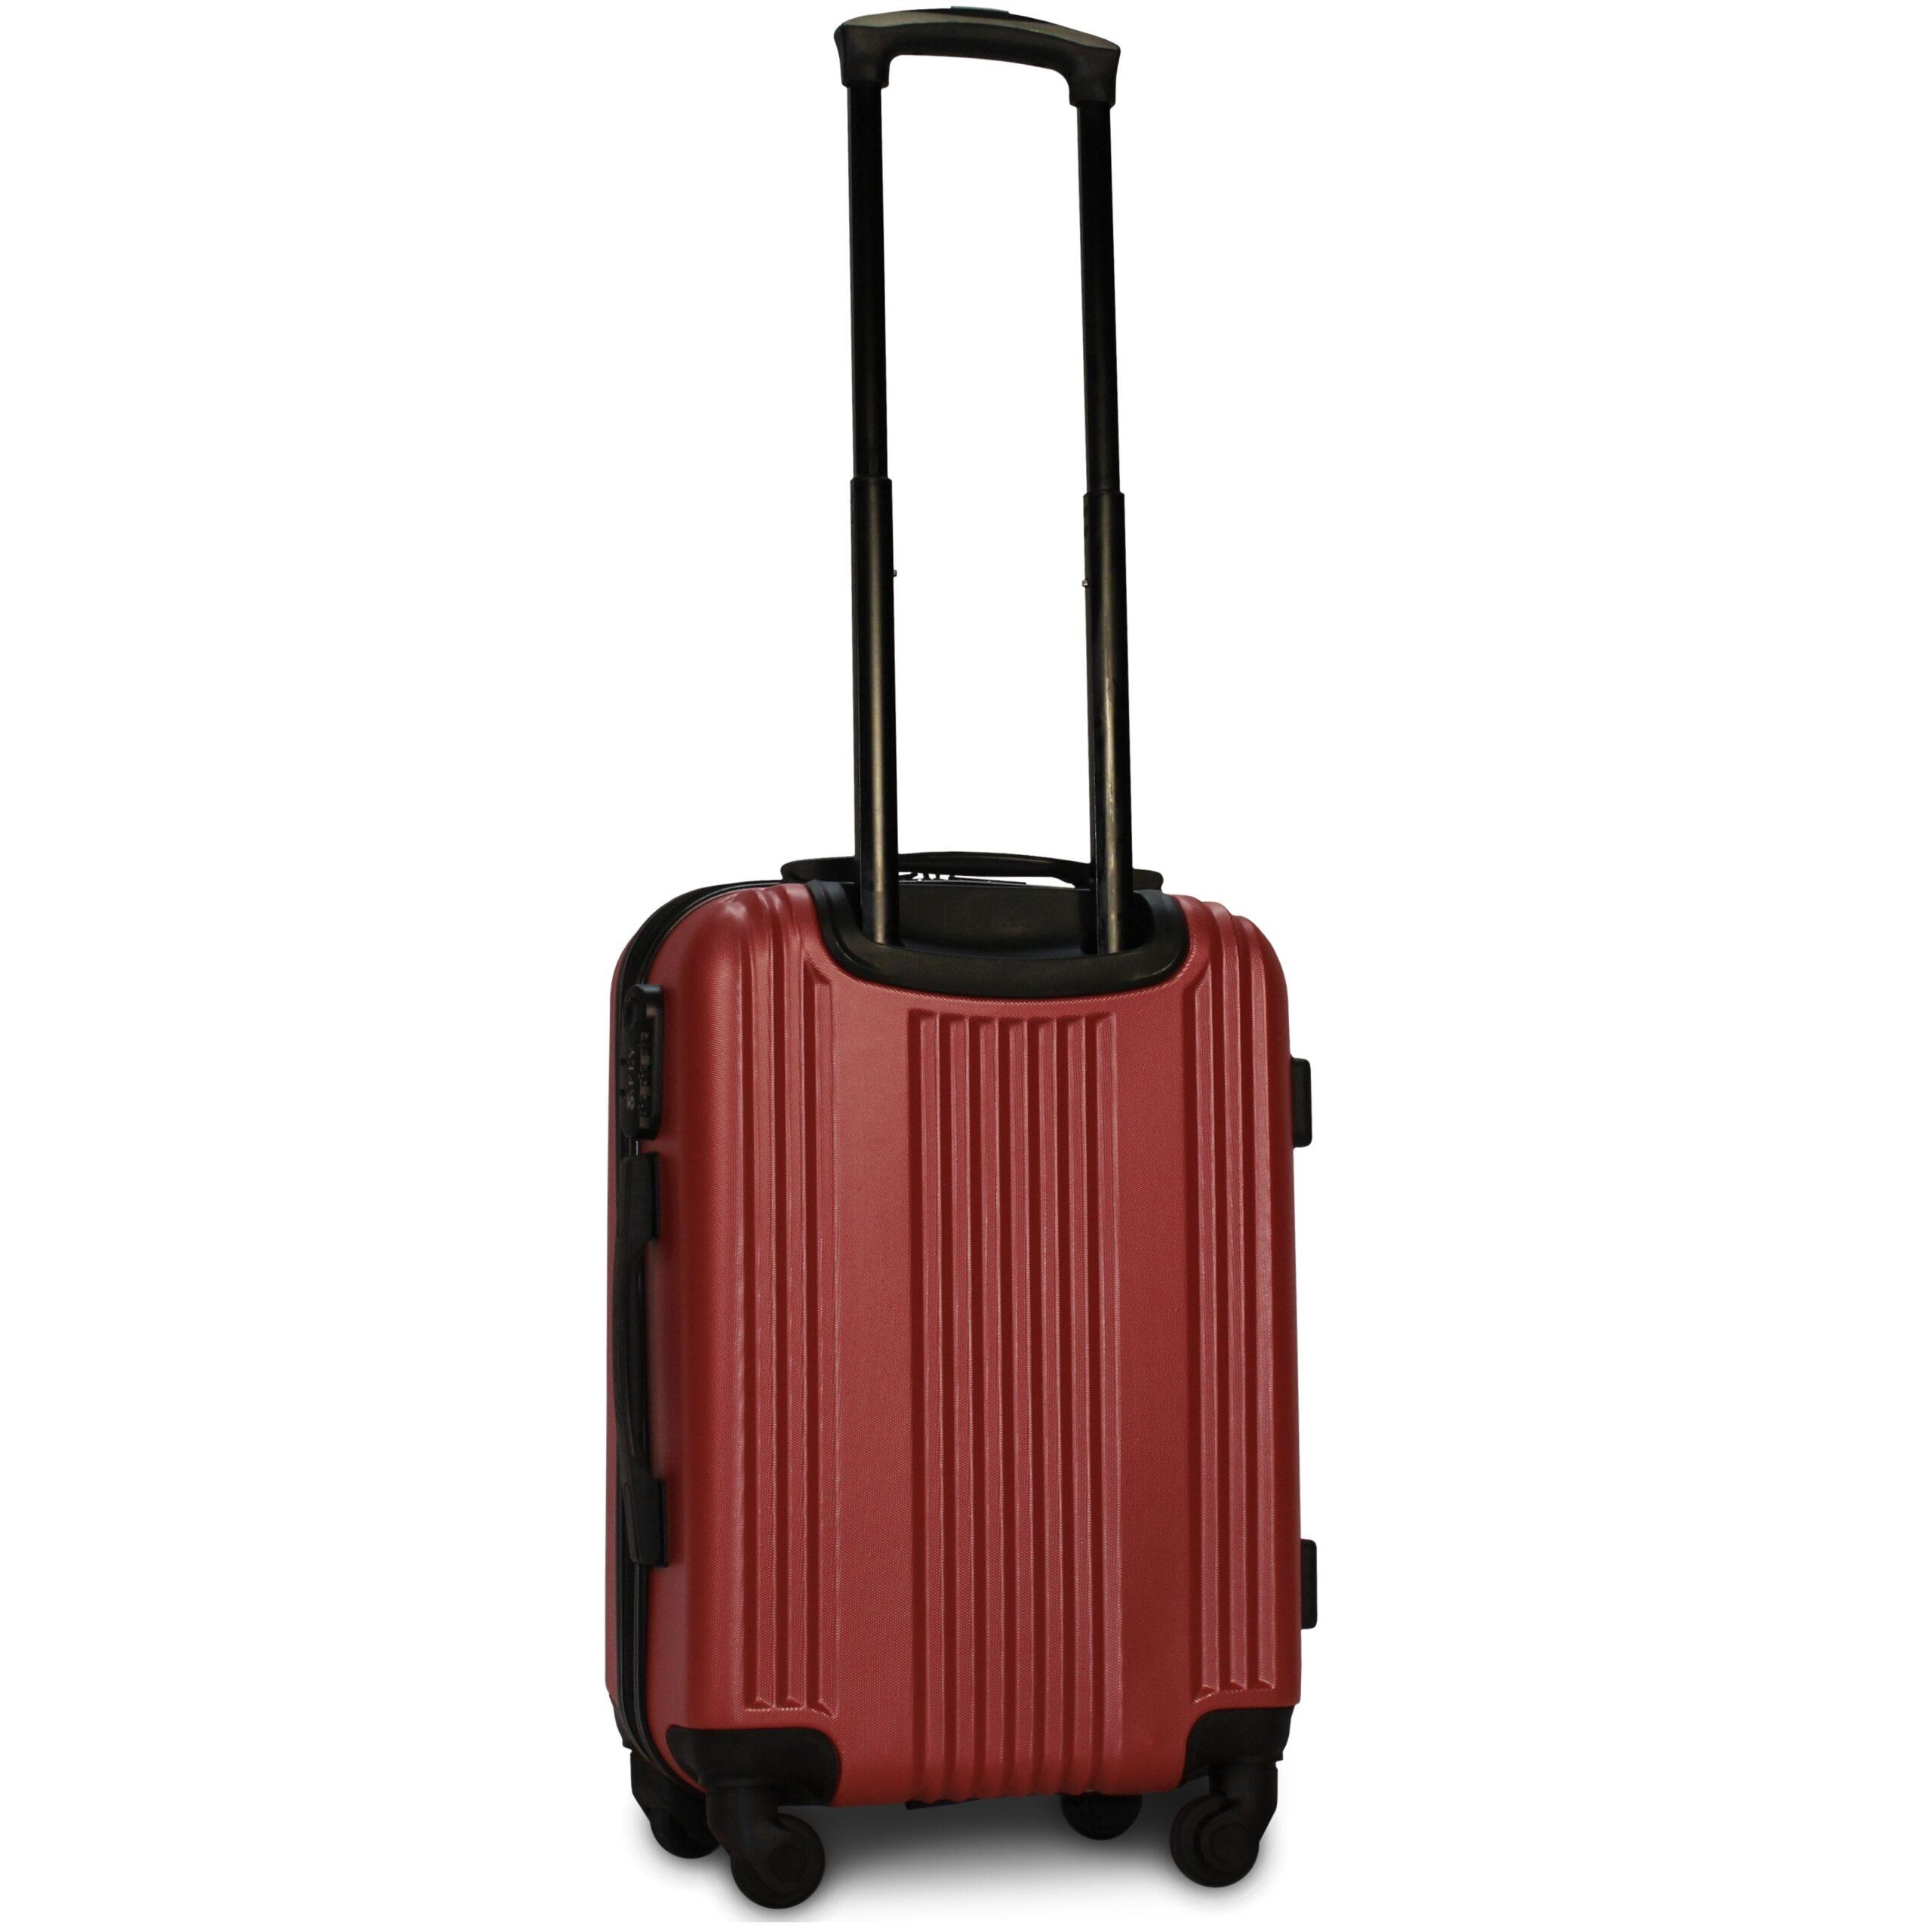 Маленький чемодан (S) Fly 614 | пластиковый | бордовый | 55x40x20 см | 35 л | 2,6 кг